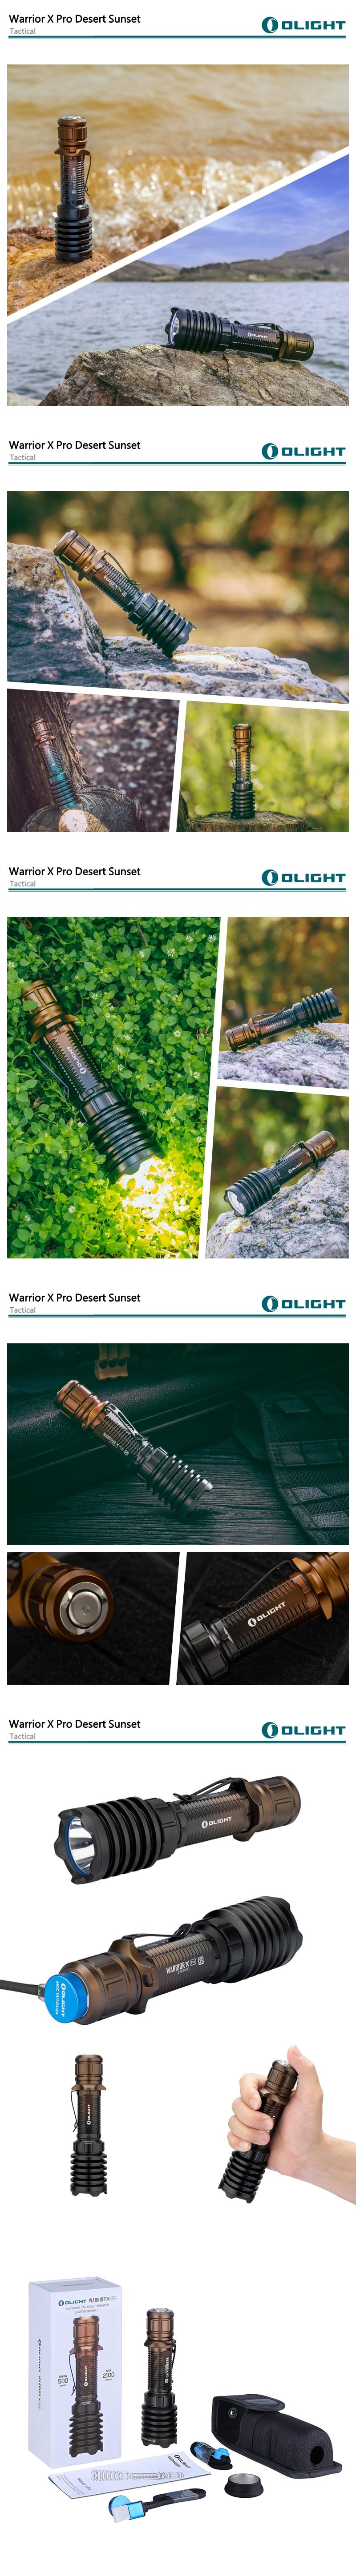 【錸特光電】OLIGHT Warrior X PRO Desert Sunset 流沙黑 限量 漸層色 武士 2100流明 遠射戰術手電筒 標配 21700鋰電池 (1)